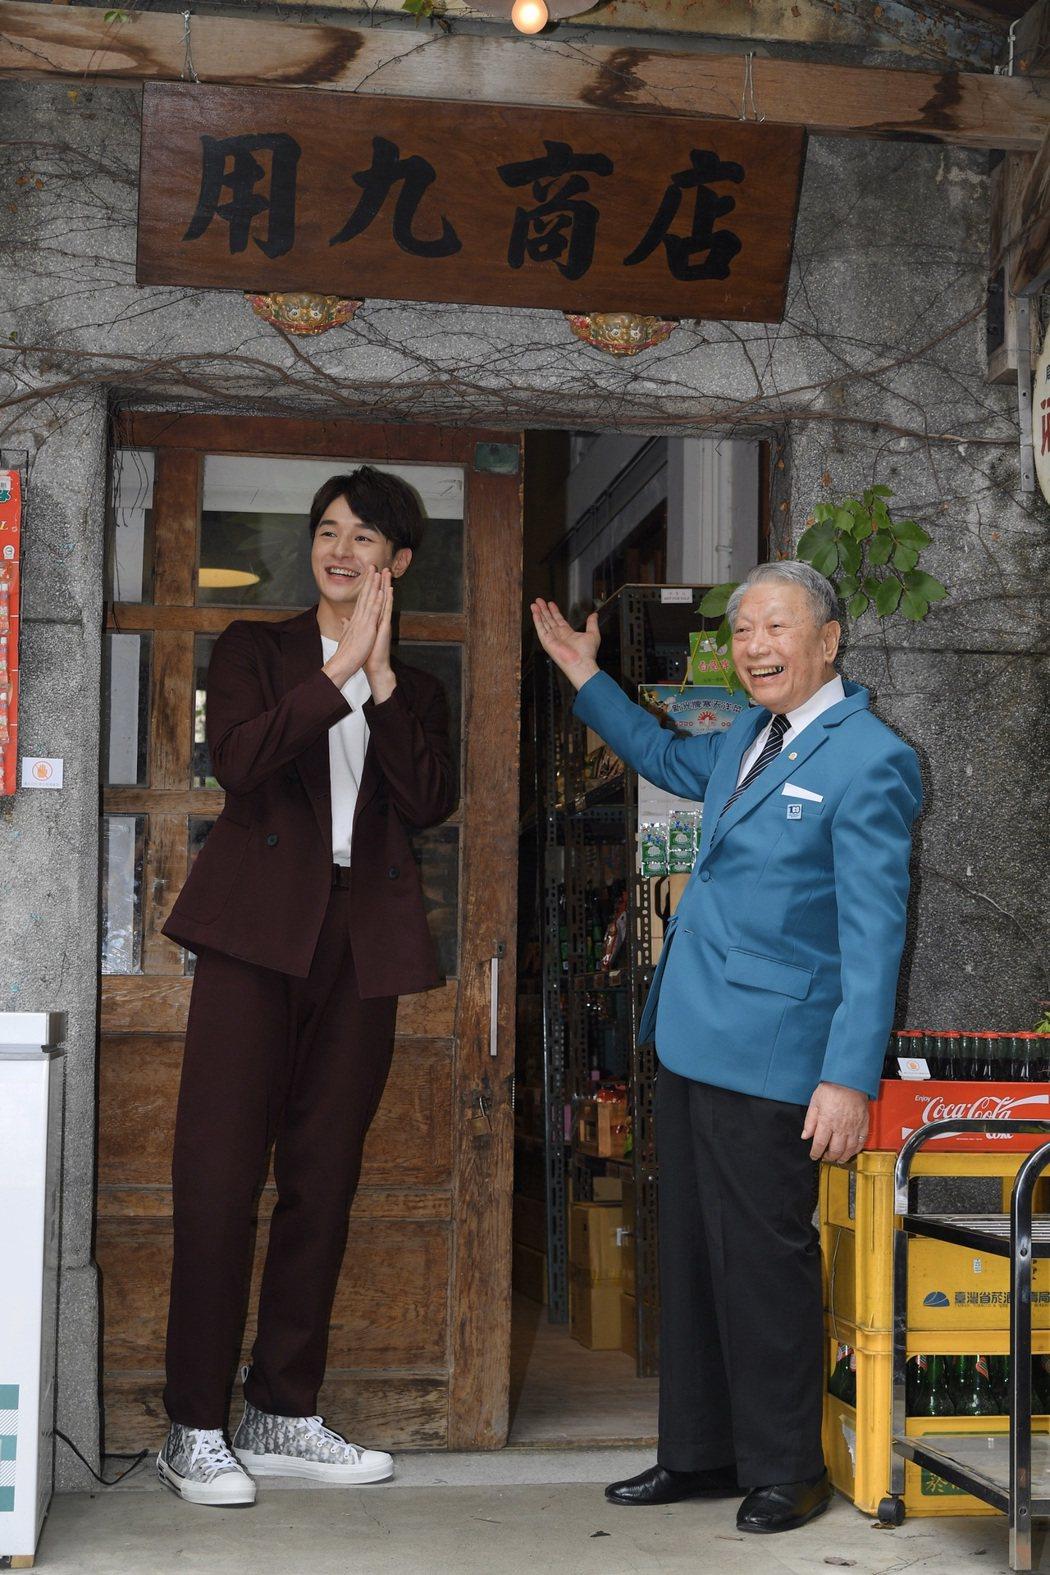 林義雄(右)與張軒睿演祖孫,一同為「用九柑仔店」復刻版快閃店開幕。圖/三立提供